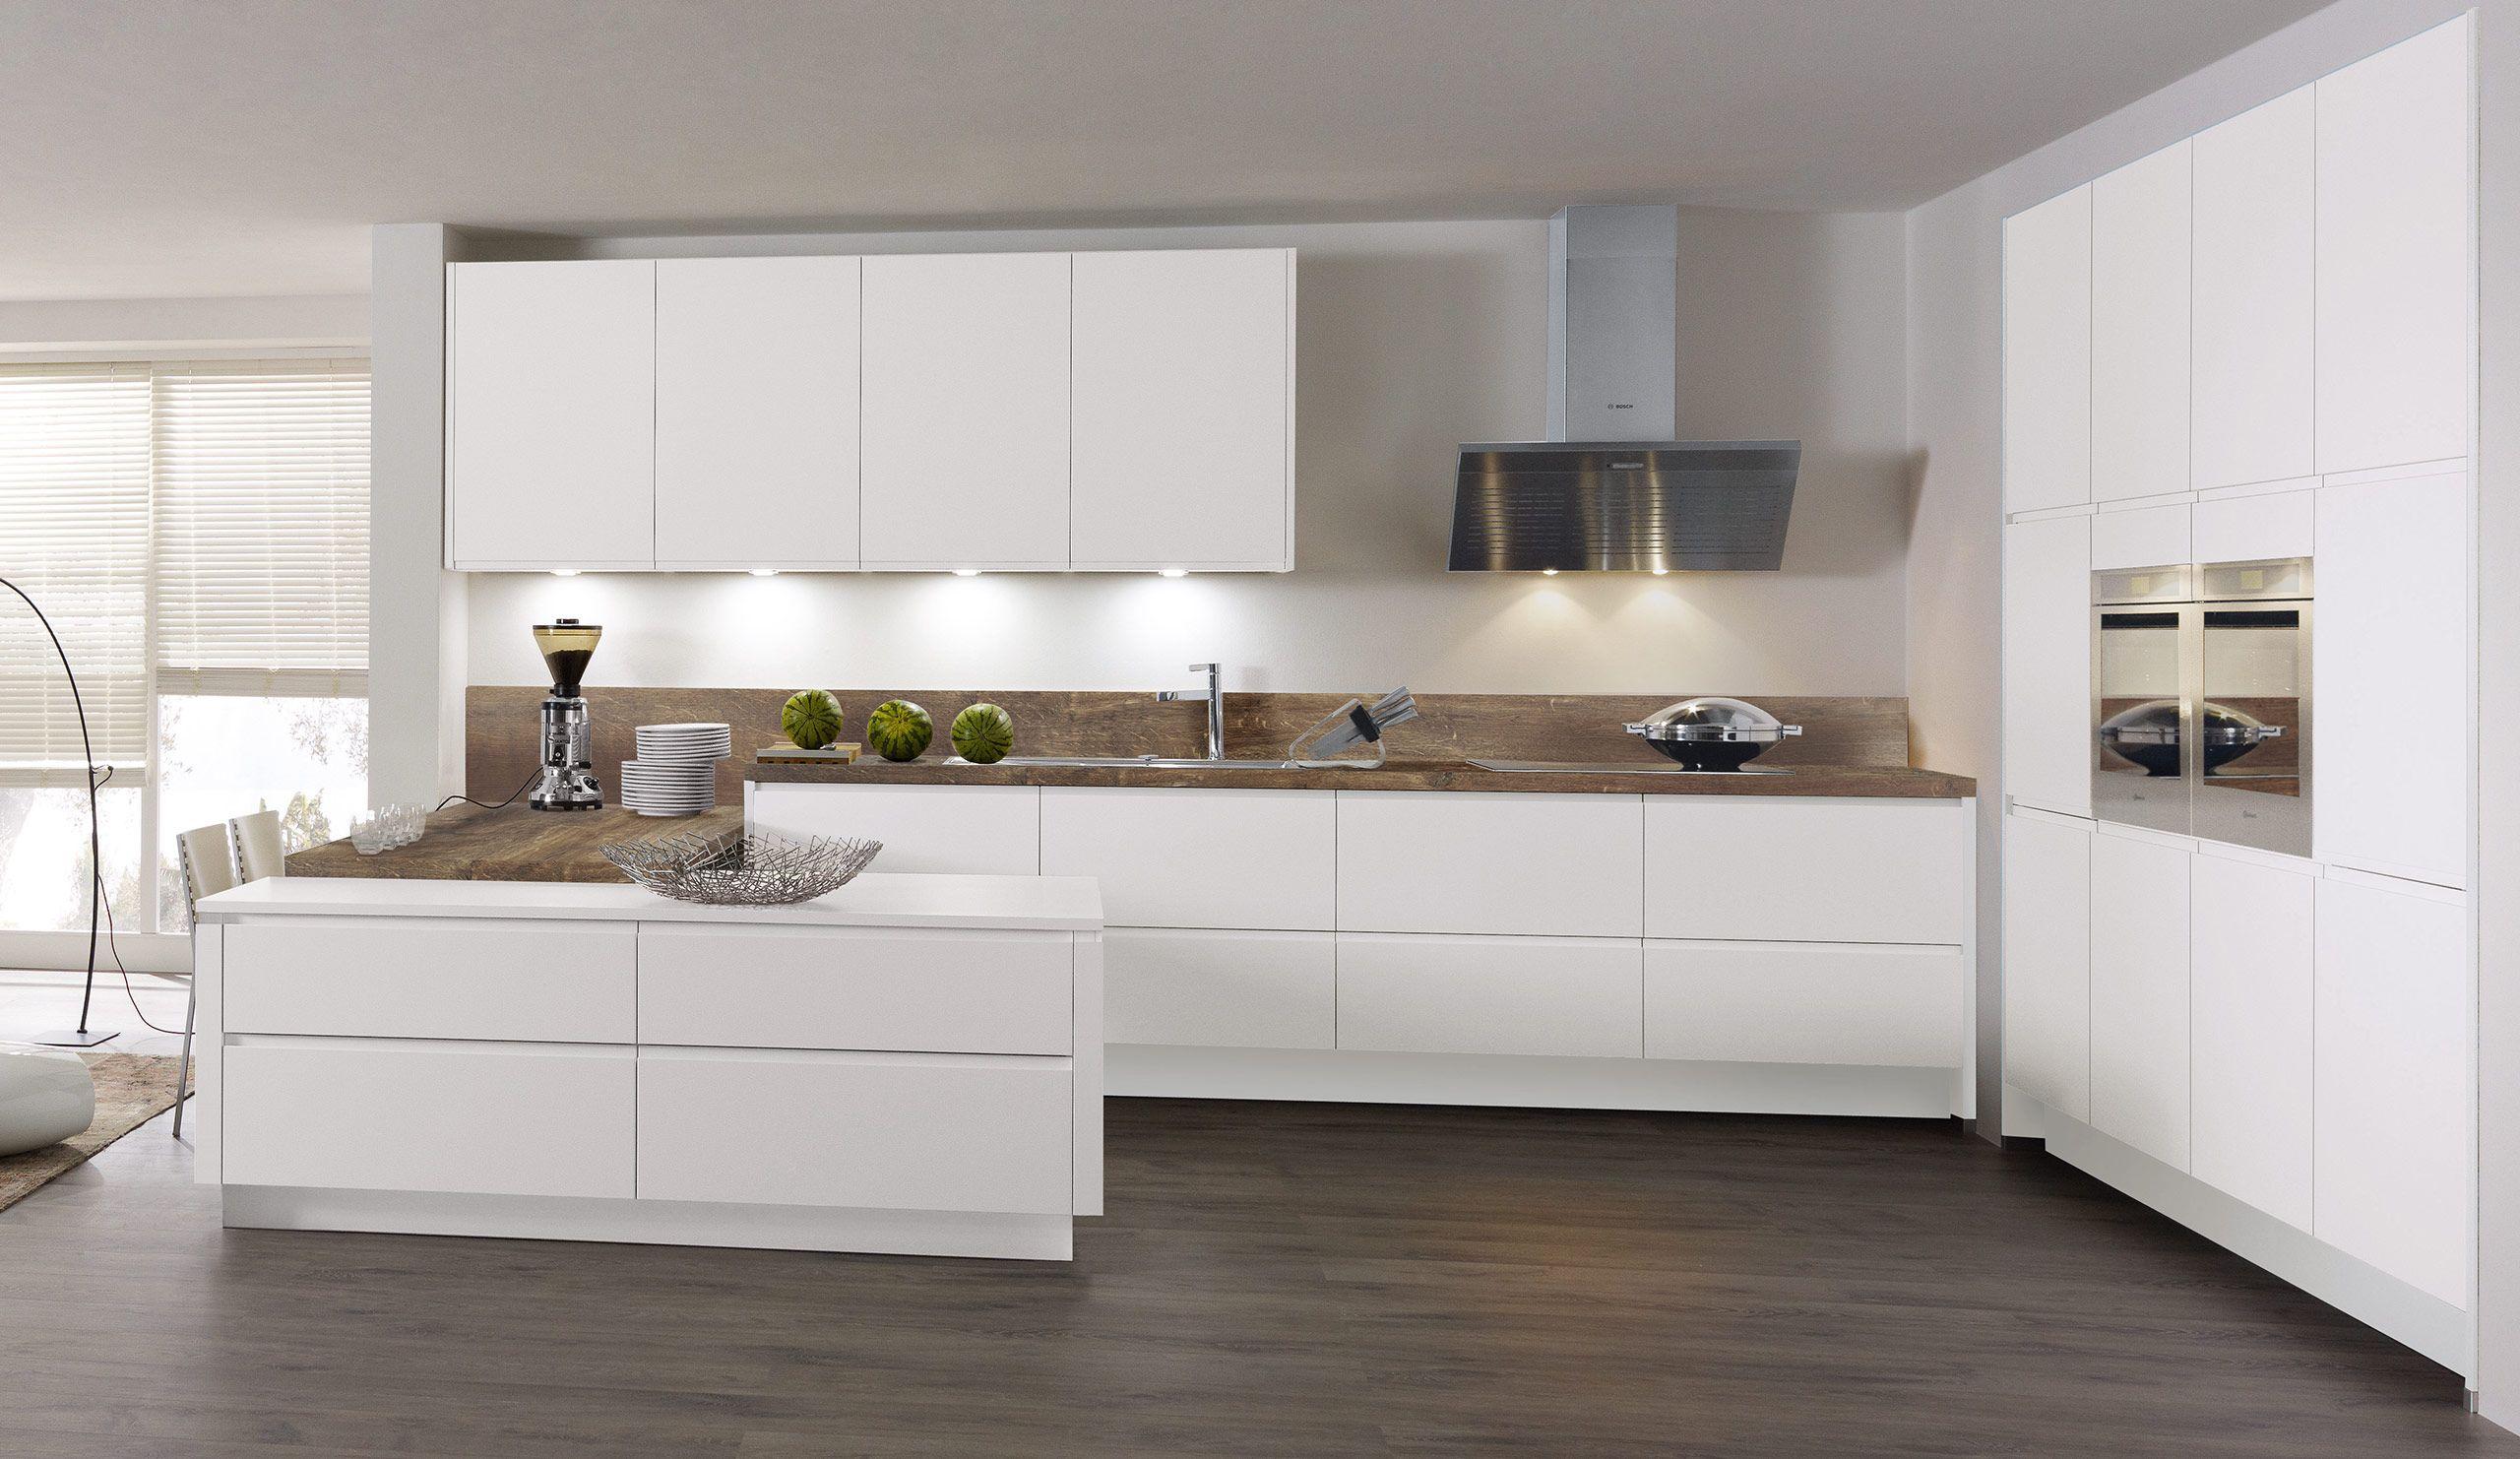 Culineo küchen ~ Wermona einbauküche weiß küche einbauküchen